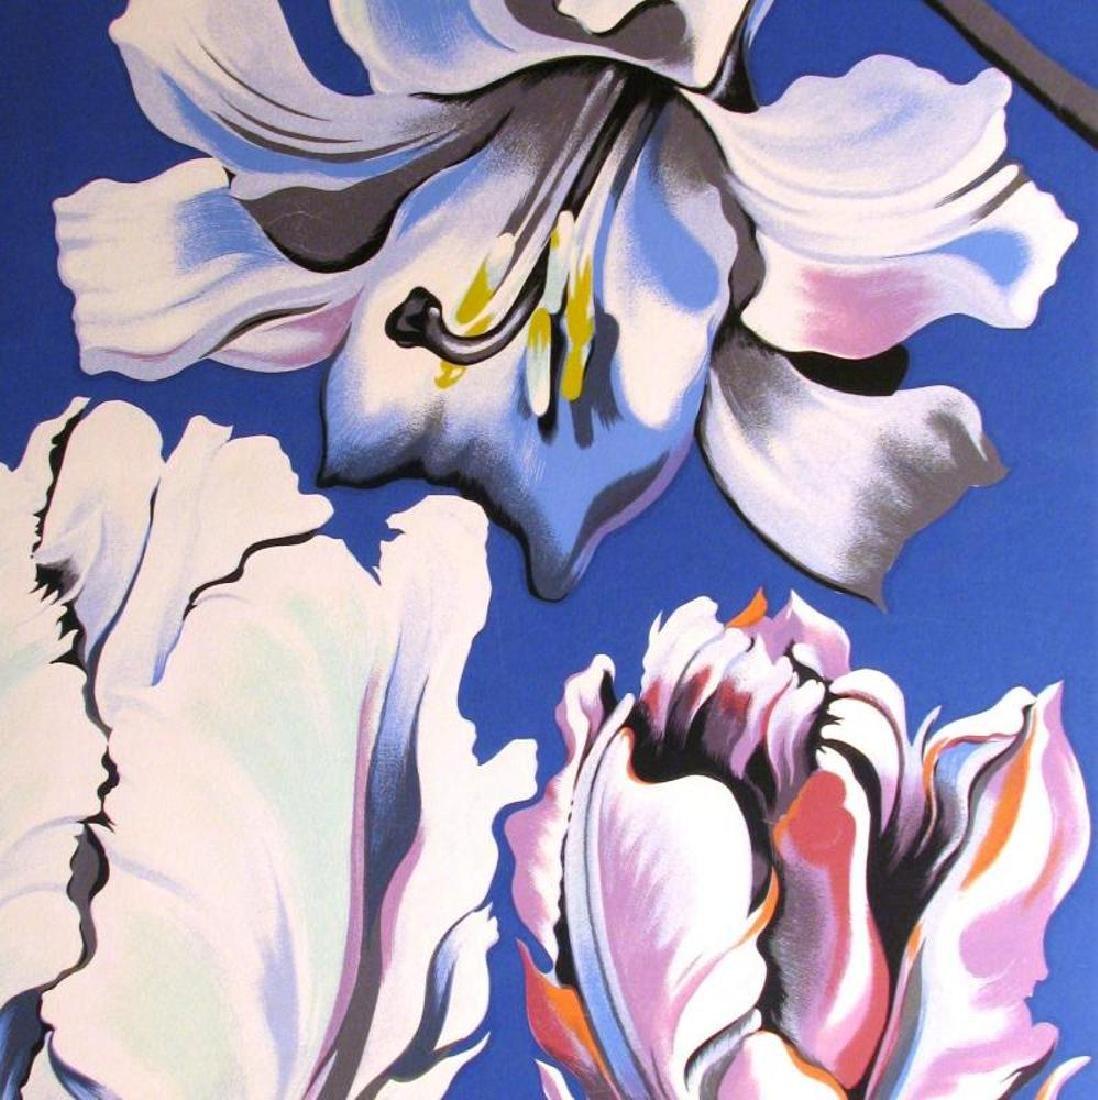 Nesbitt 3 Tulips On Blue Signed Ltd Ed Serigraph - 3